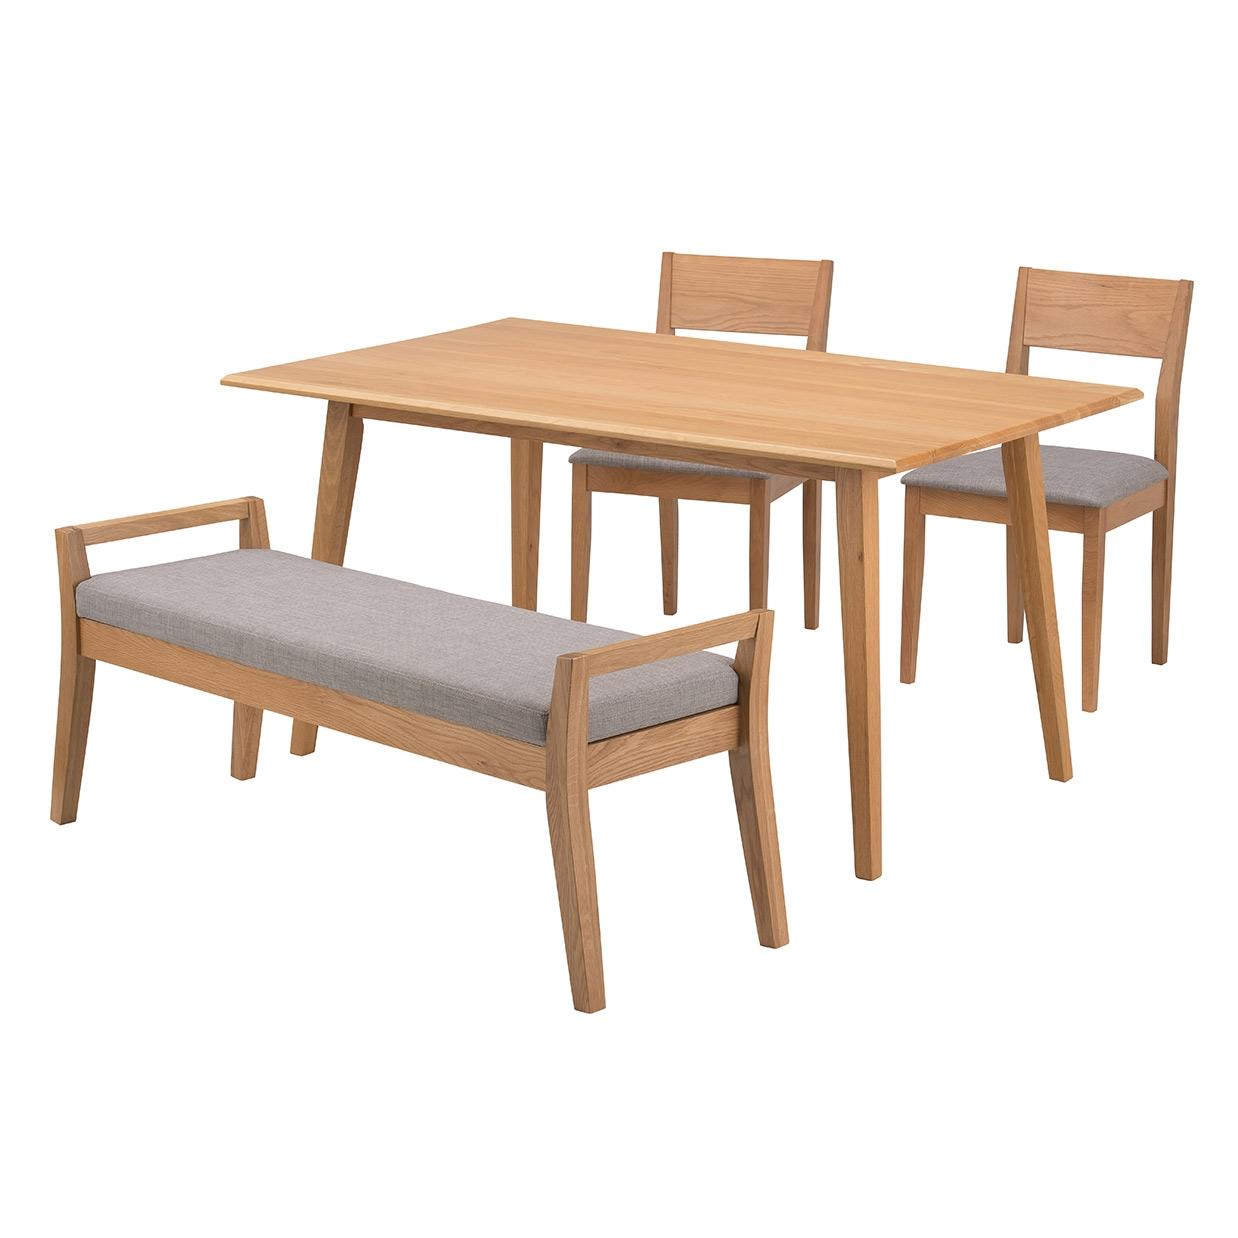 習志野市でダイニングテーブルの不用品回収にお伺いしました!